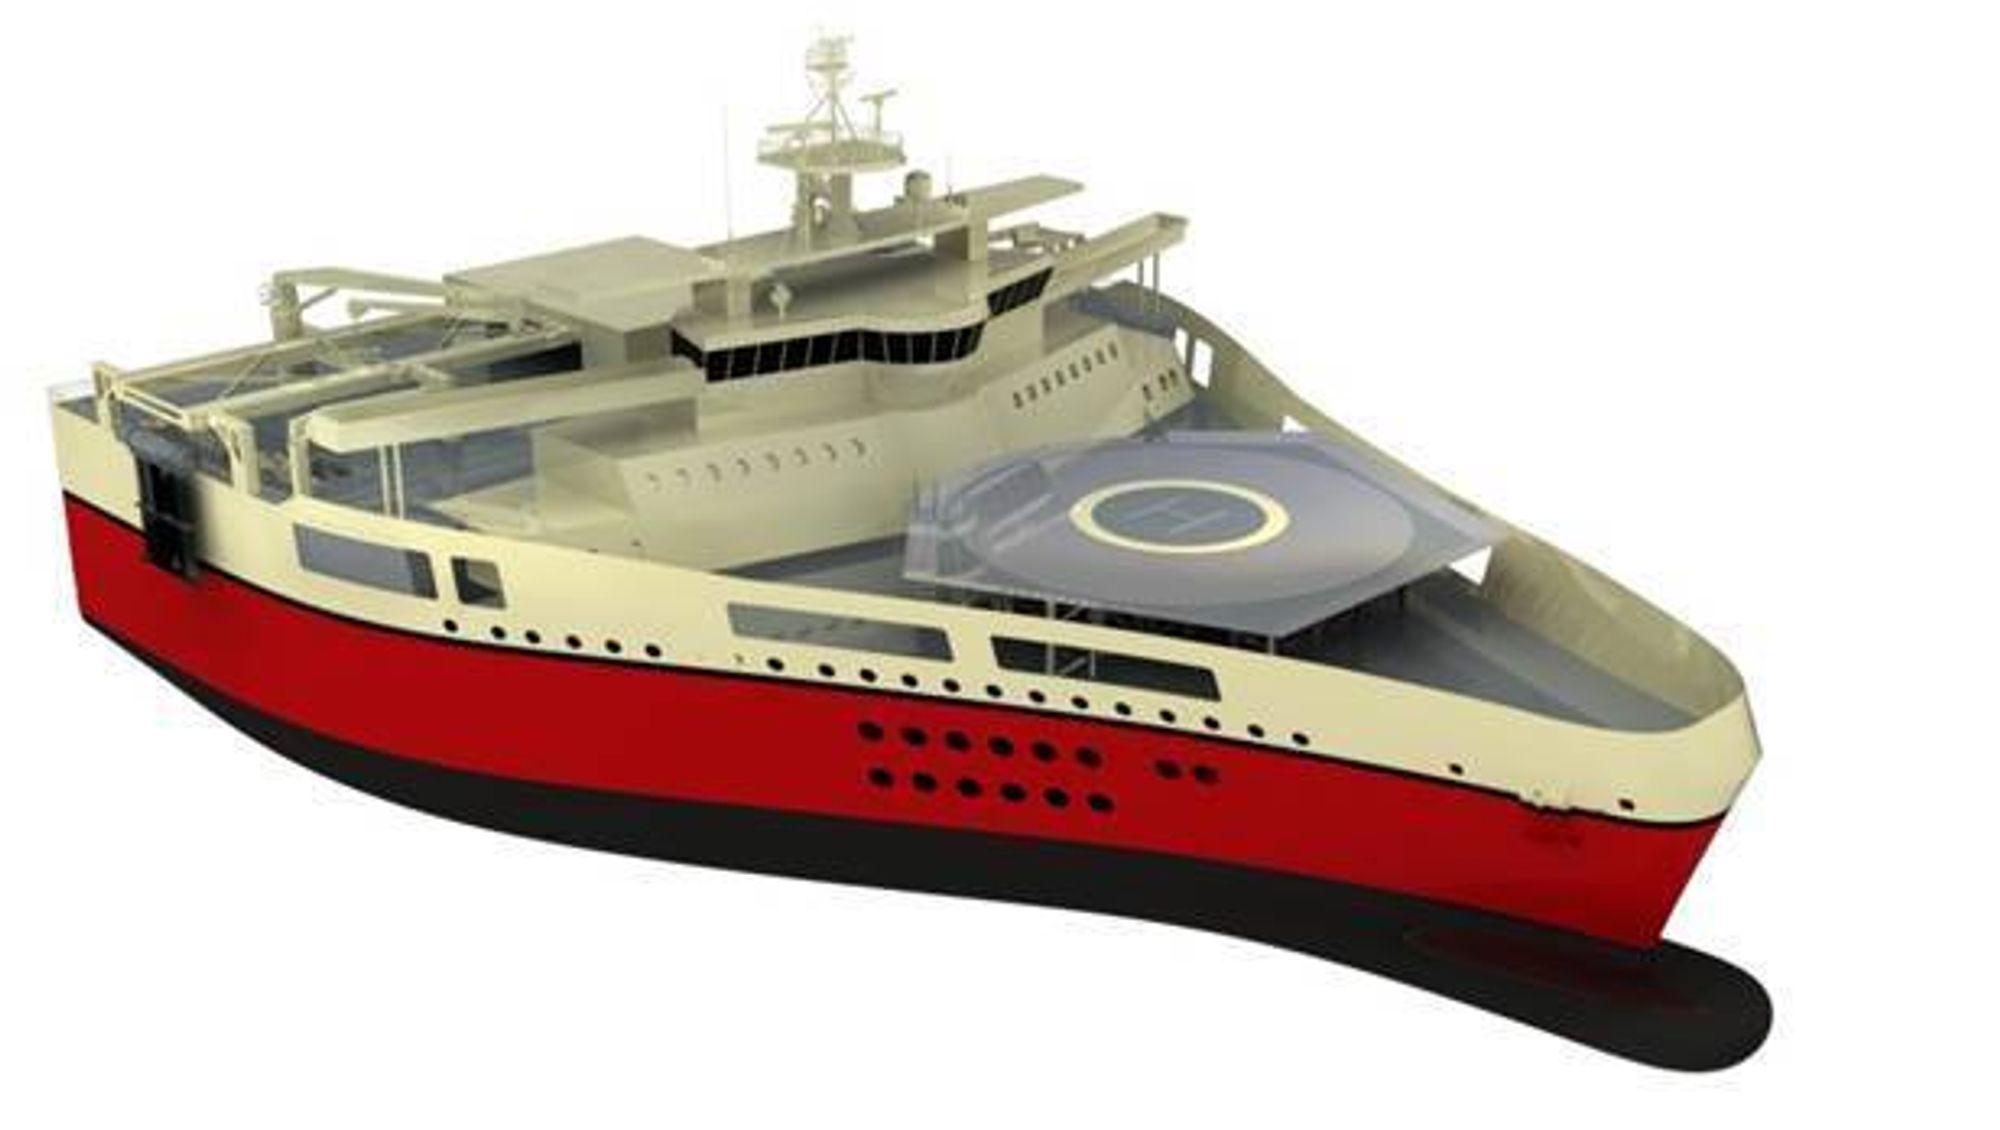 WOW: Ramform i W-klassen til PGS blir 104 meter lange og hele 70 meter brede. Skipene kan taue opp til 26 streamere samtidig.